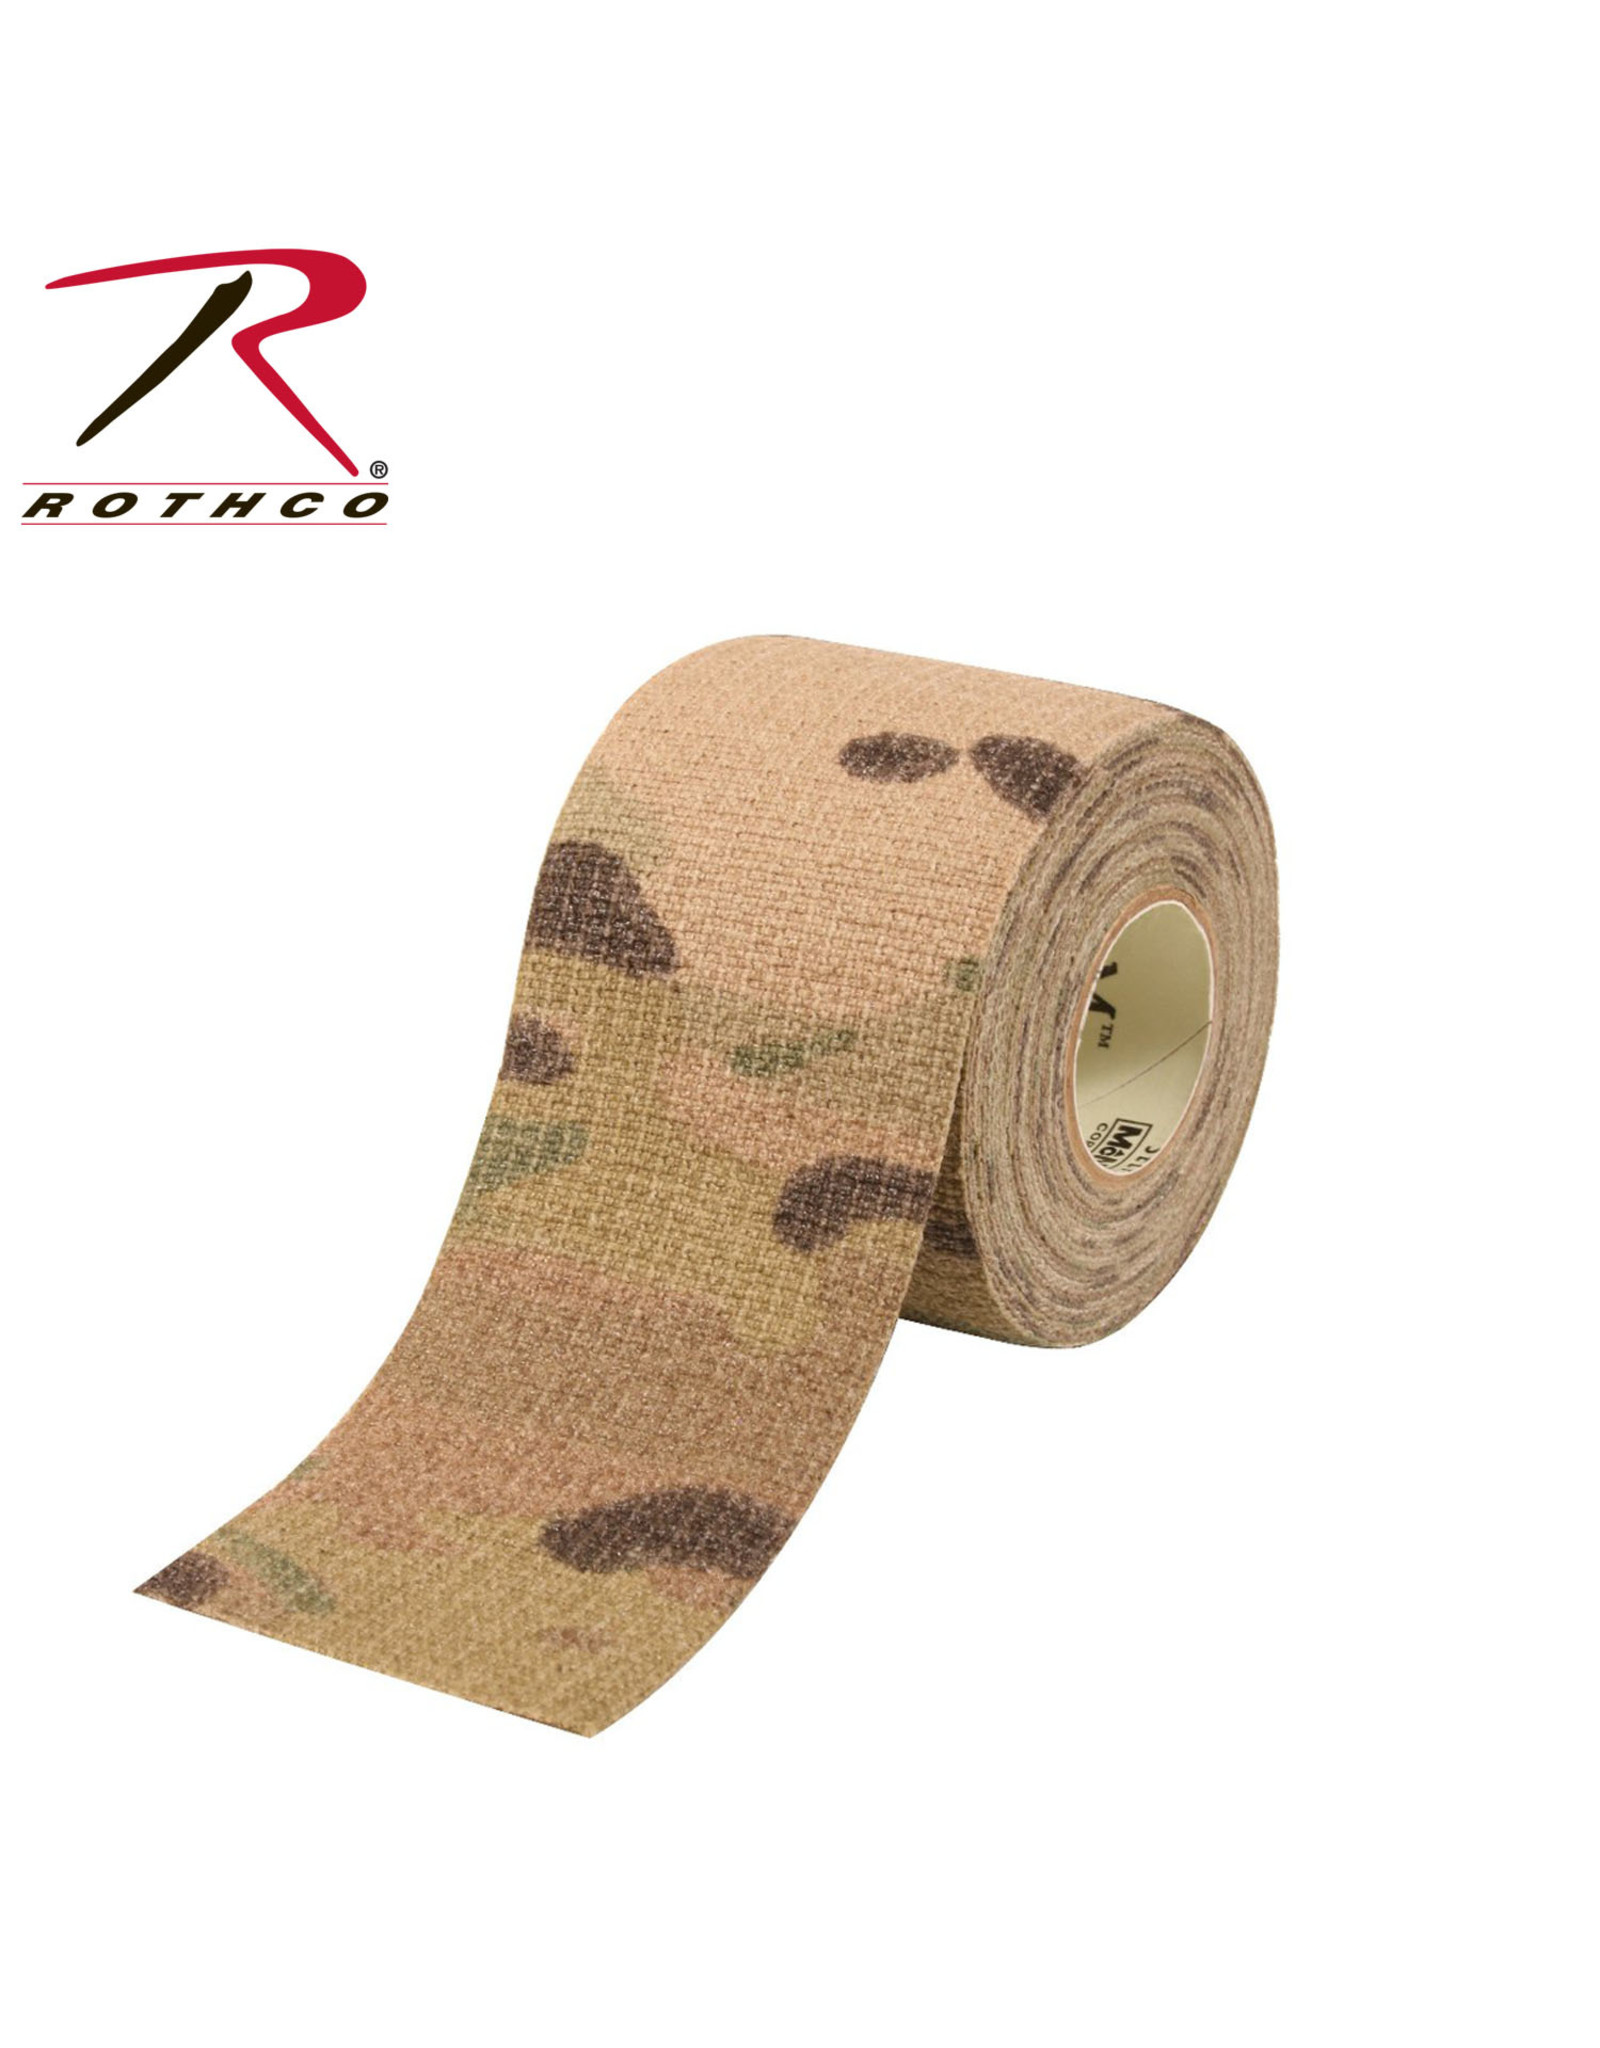 Rothco Camo Form Protective Wrap - Multicam